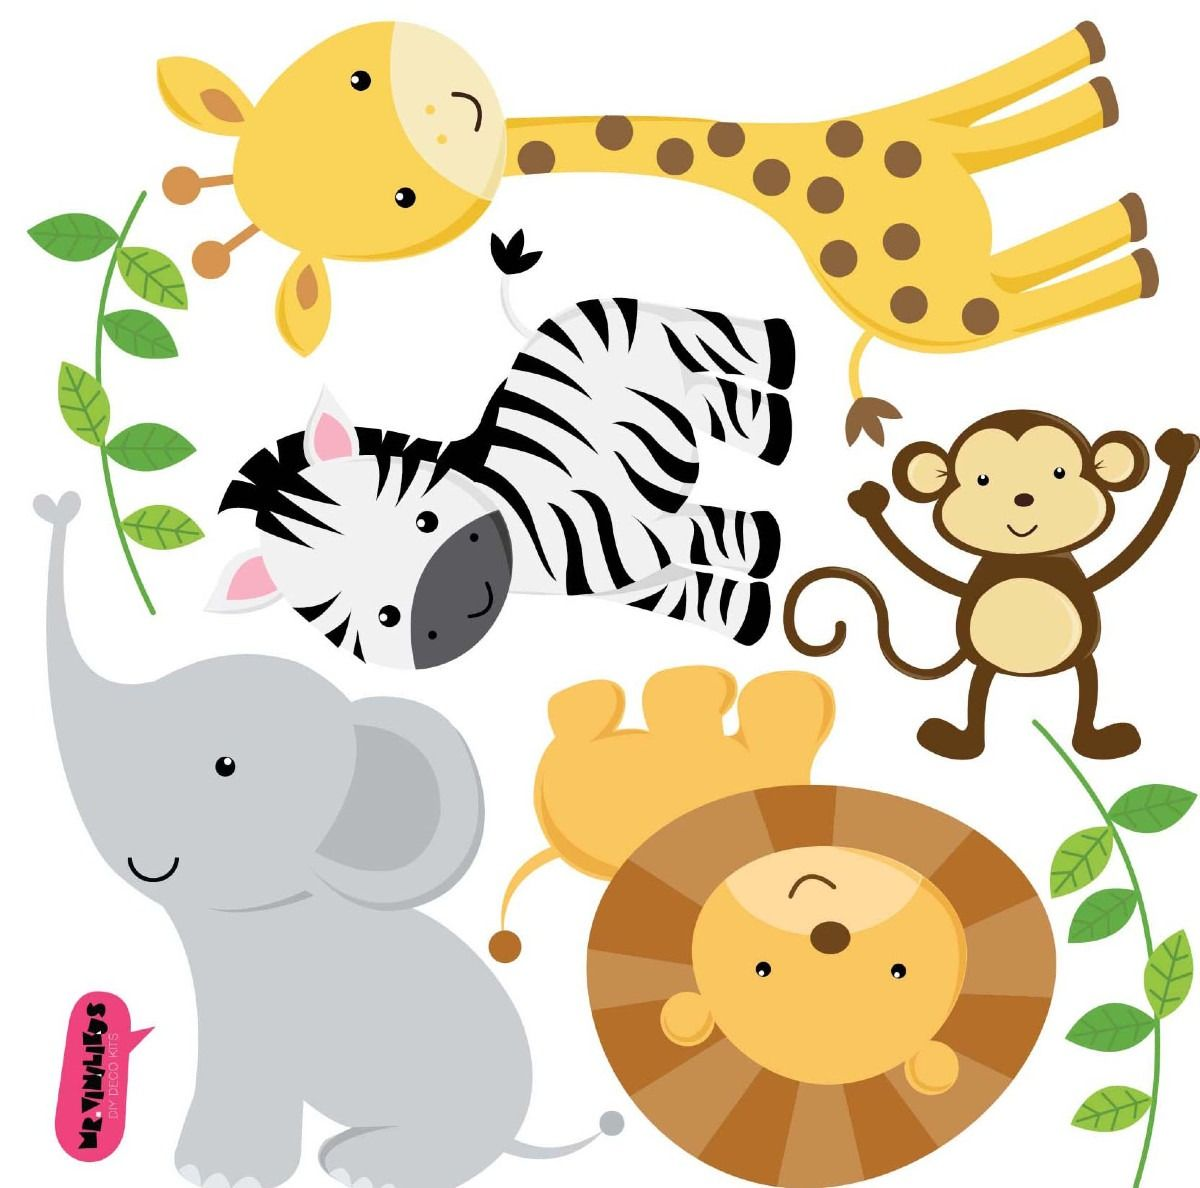 Vinilo decorativo kit animales de la selva fav - Vinilos bonitos ...